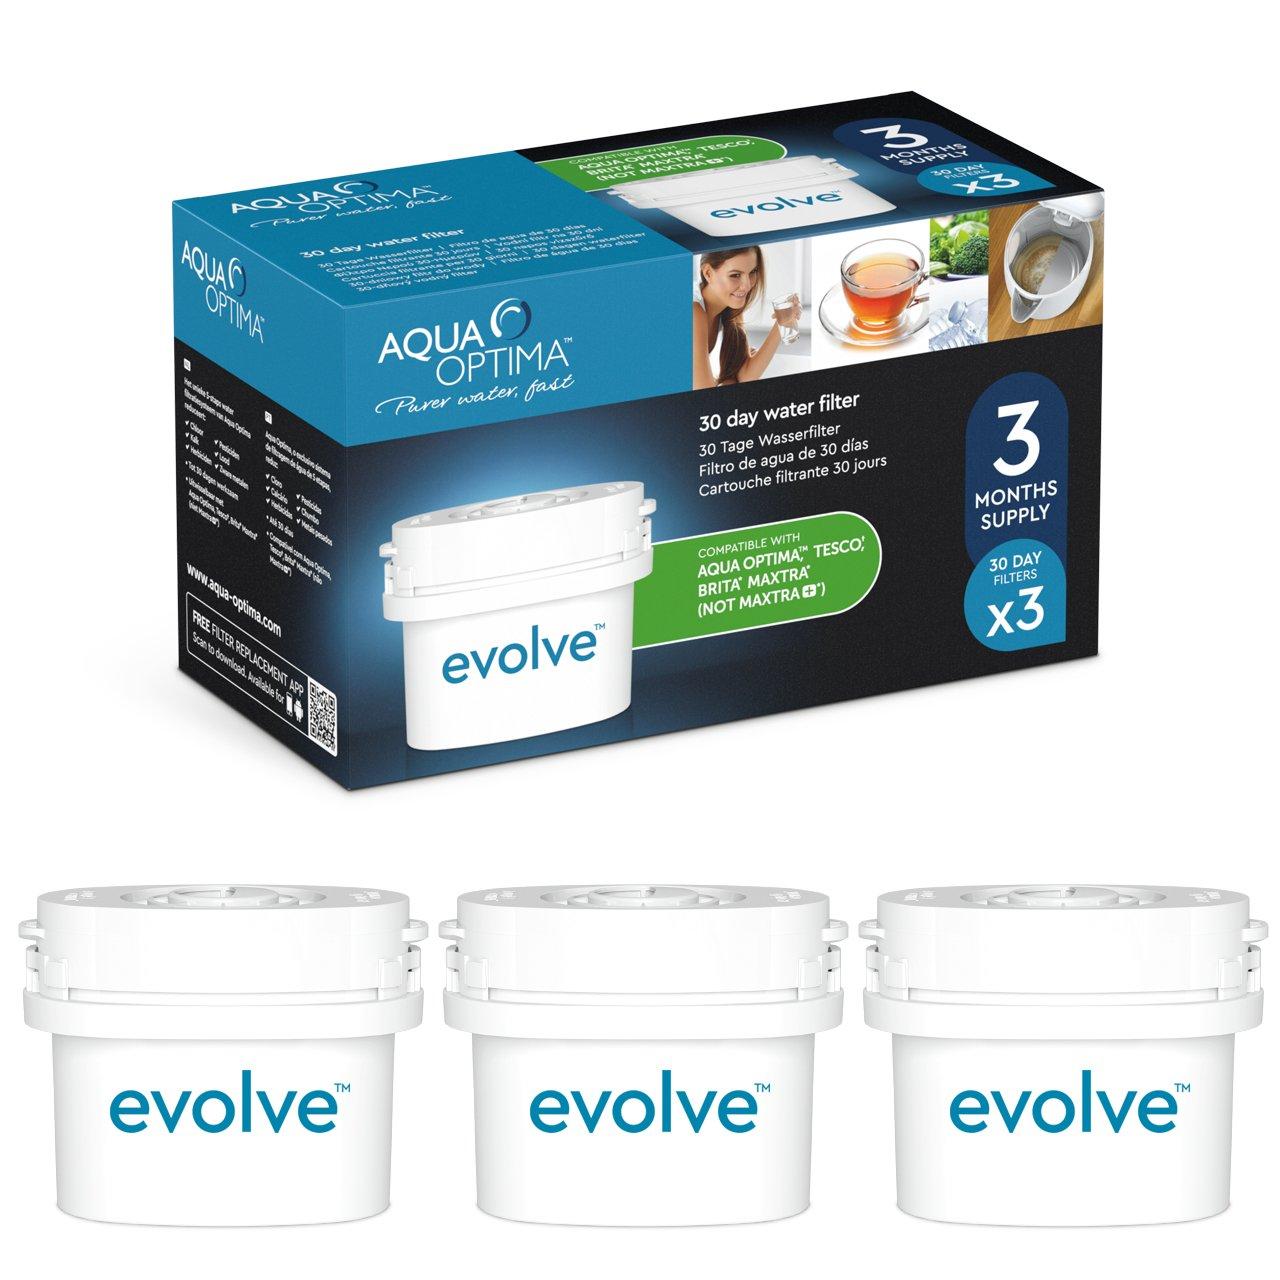 Aqua Optima Evolve confezione 3 mesi, 3 filtri per acqua x 30 giorni - adatto *BRITA Maxtra (non *Maxtra+) - EVS301 7159000_